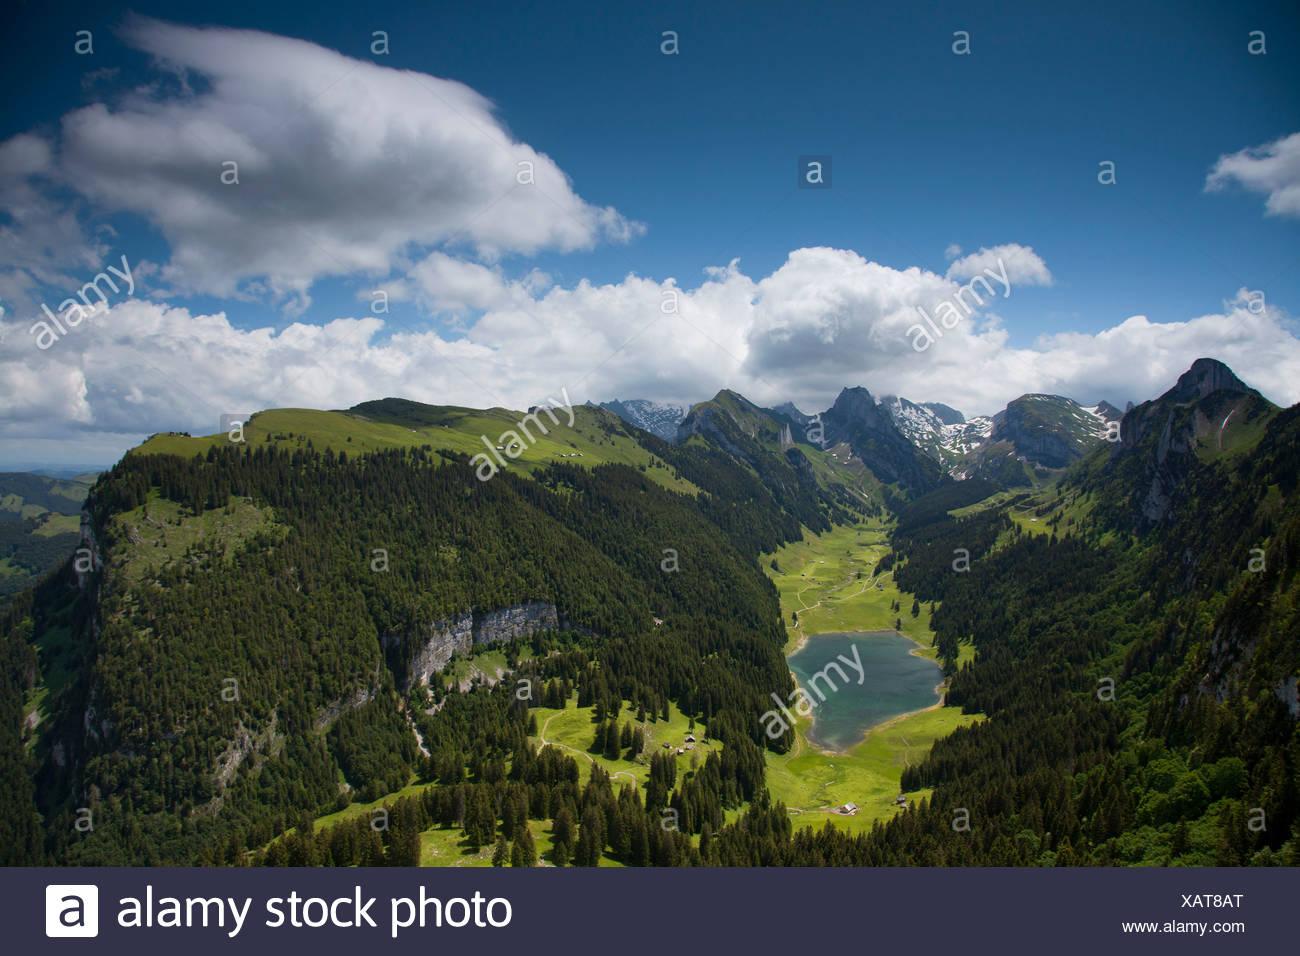 Abend Stimmung in den Alpsteingebirge Bergen, Blick vom Mt. Säntis mit Mt. Altmann, Appenzellerland, Alpen, Schweiz Stockbild